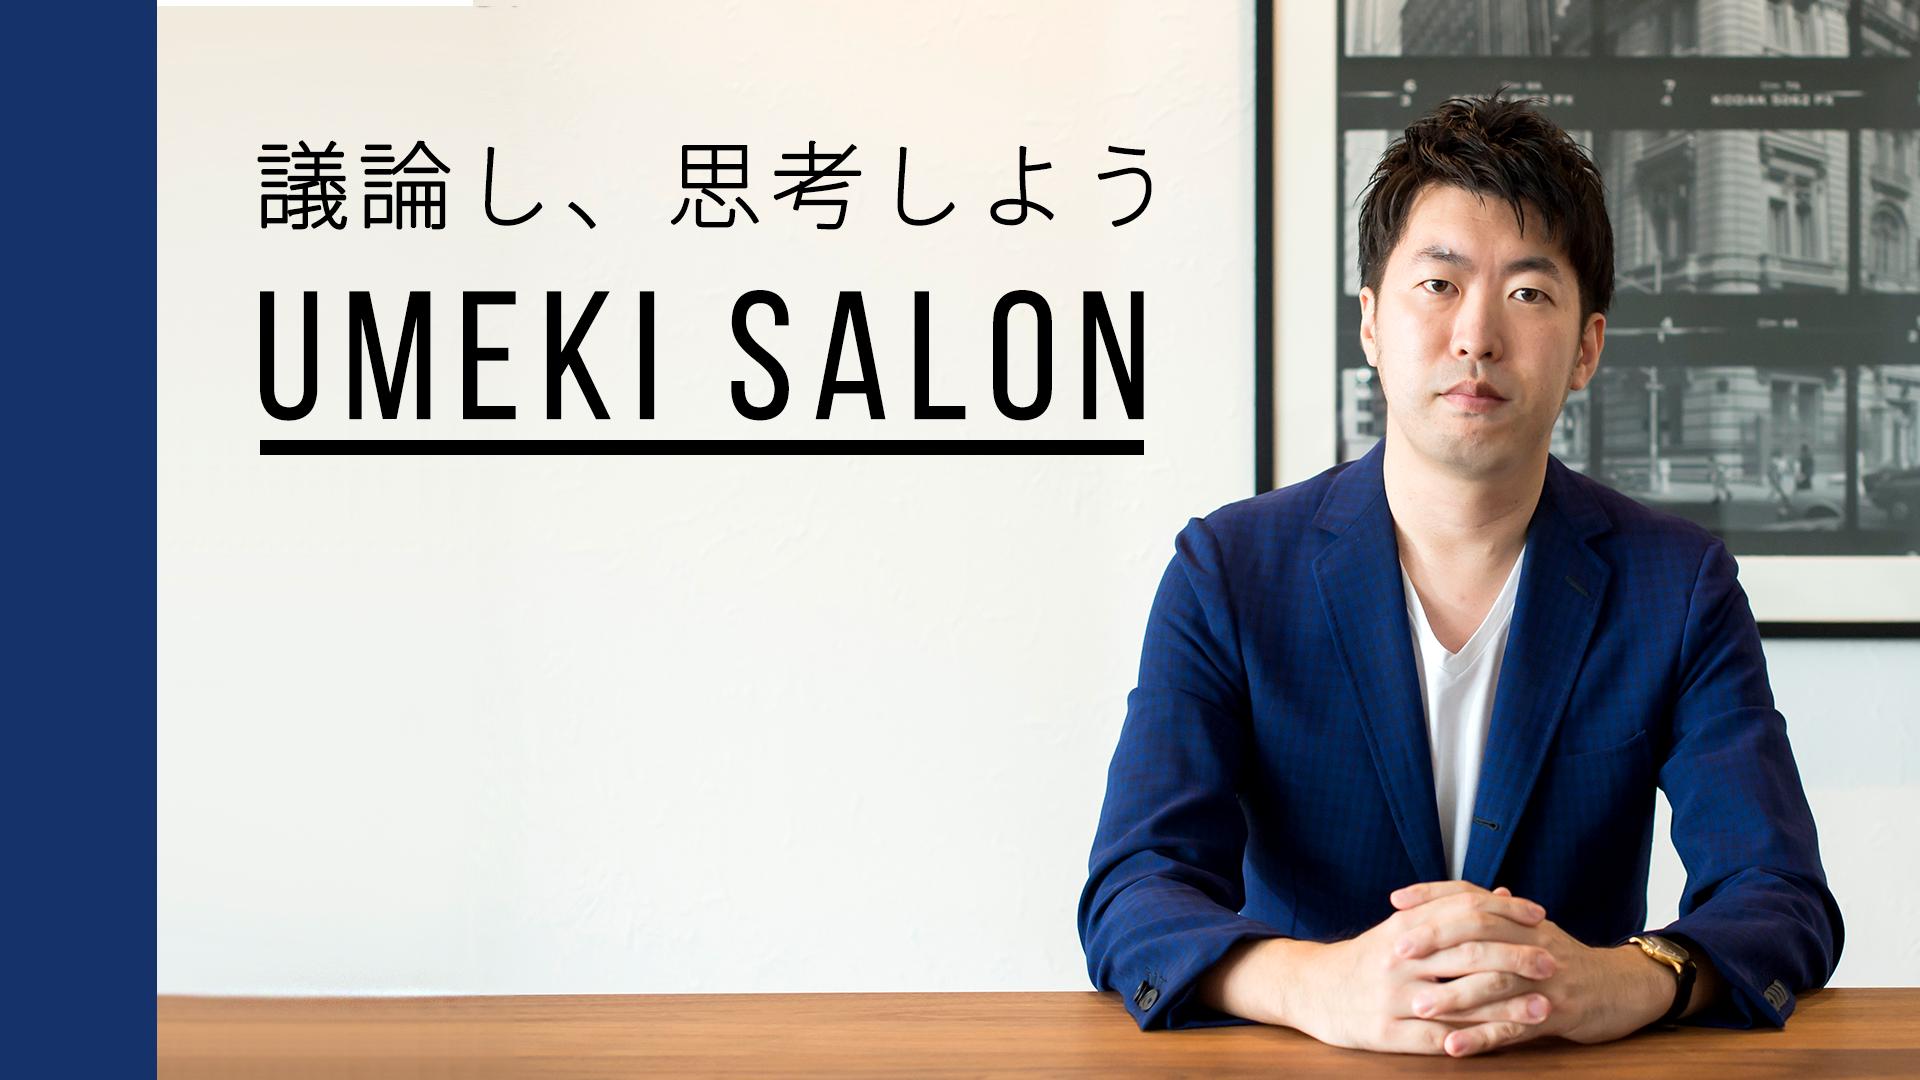 Umeki Salon